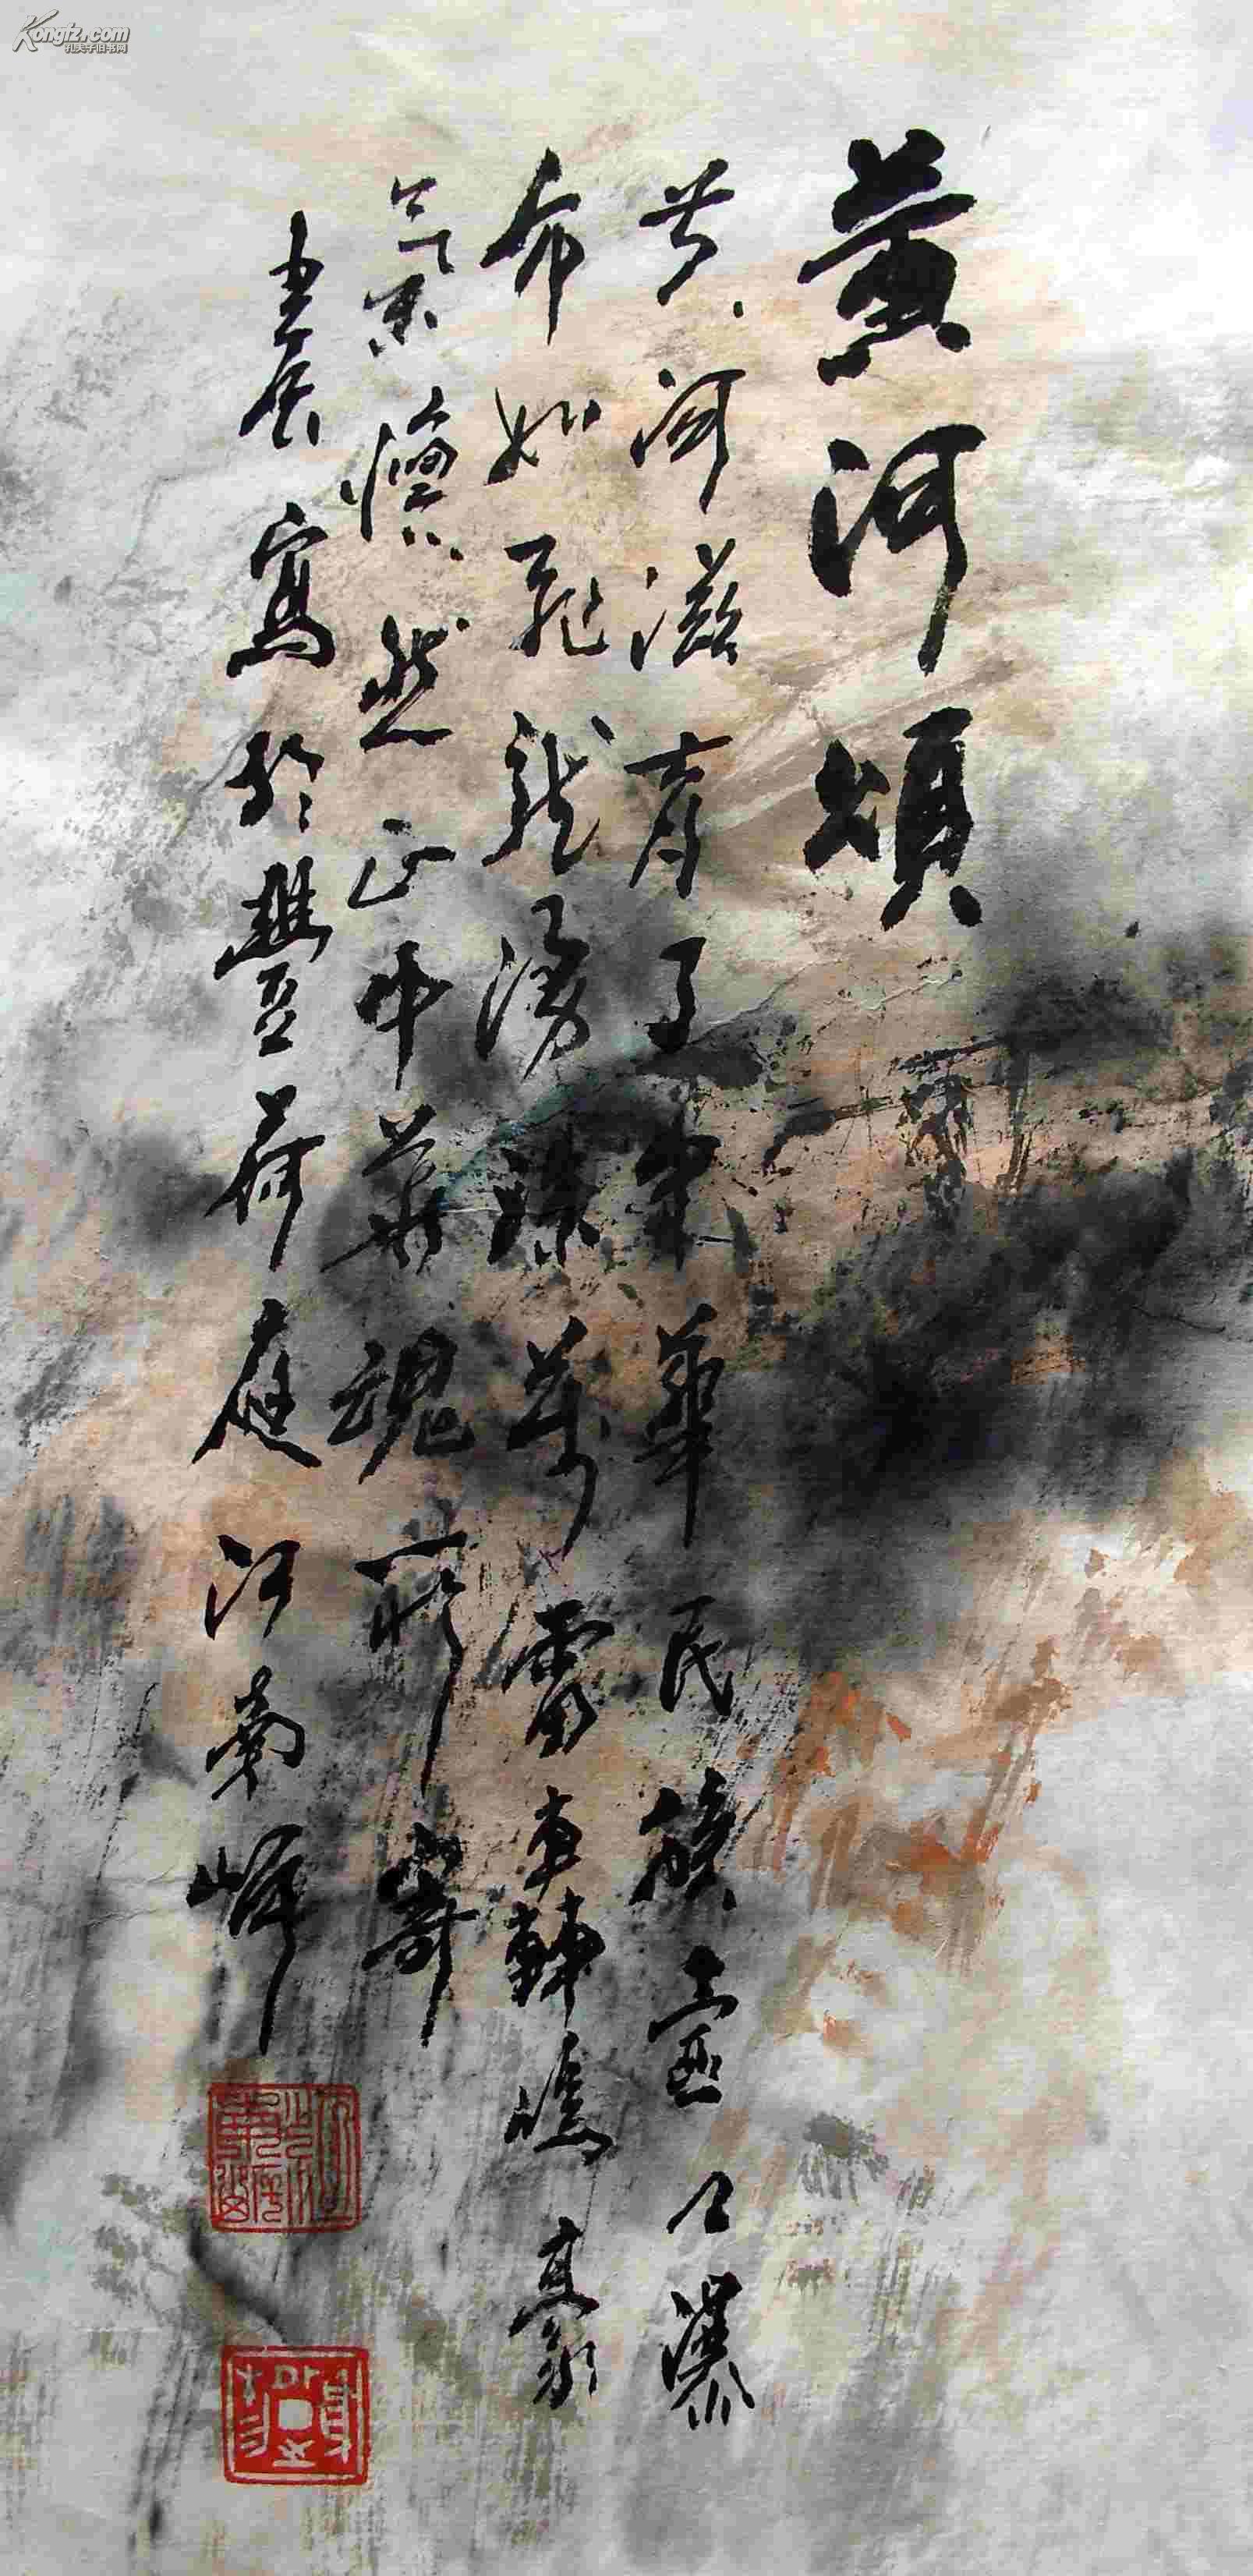 已发表的江南岸原创作品 黄河颂 江南 已发表的江南岸原